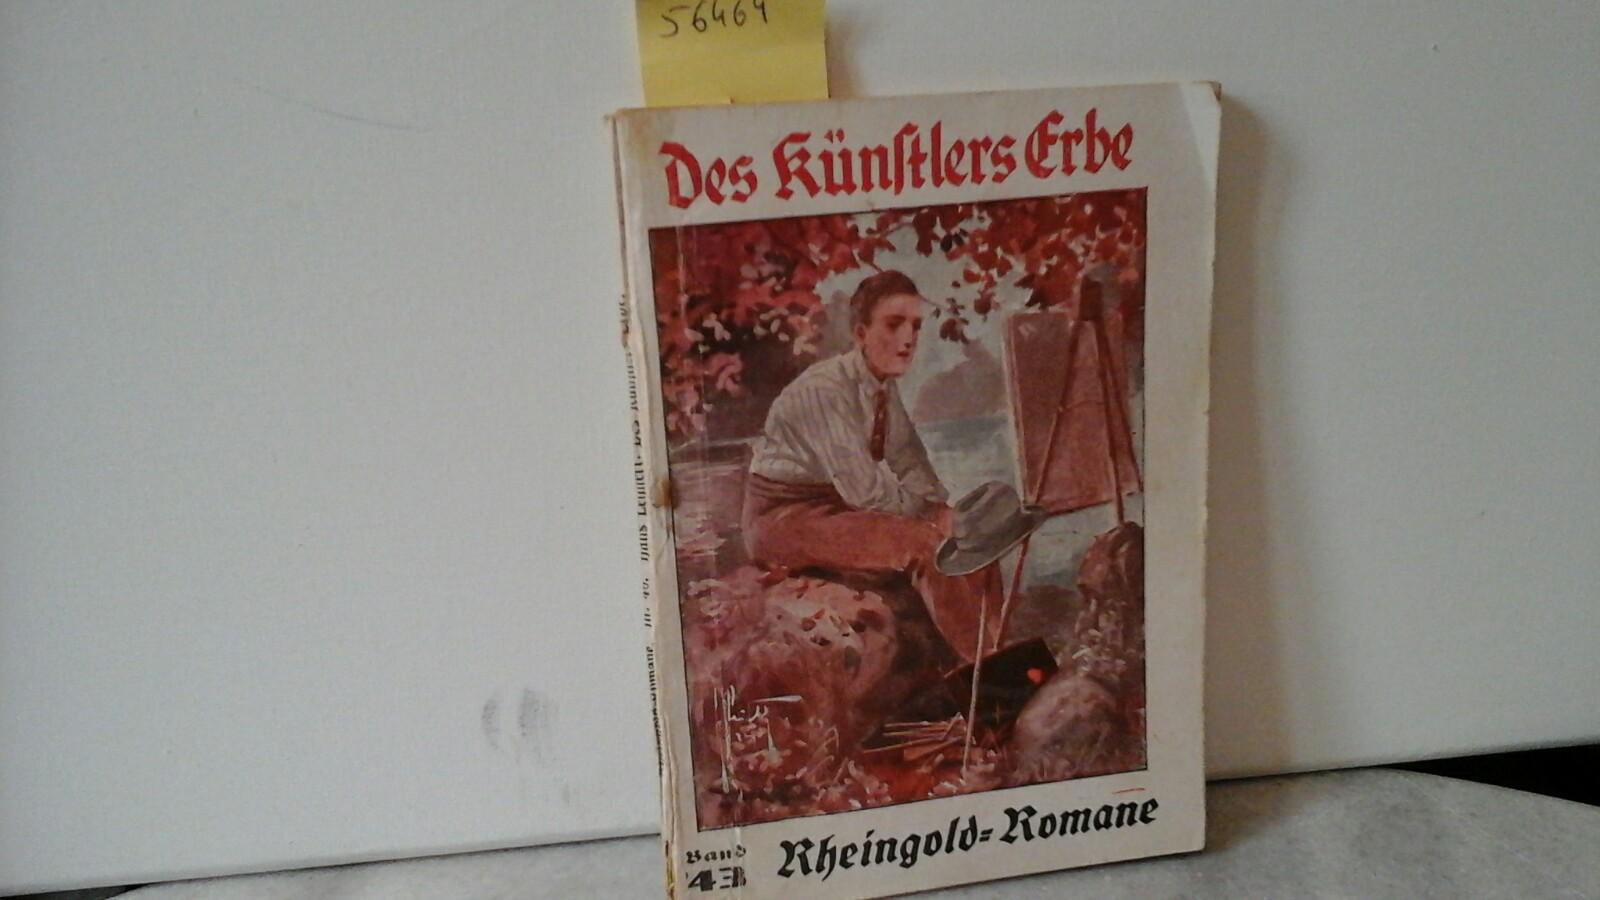 Des Künstlers Erbe. Originalroman von Hans Lehnert. Erste /1./ Auflage.